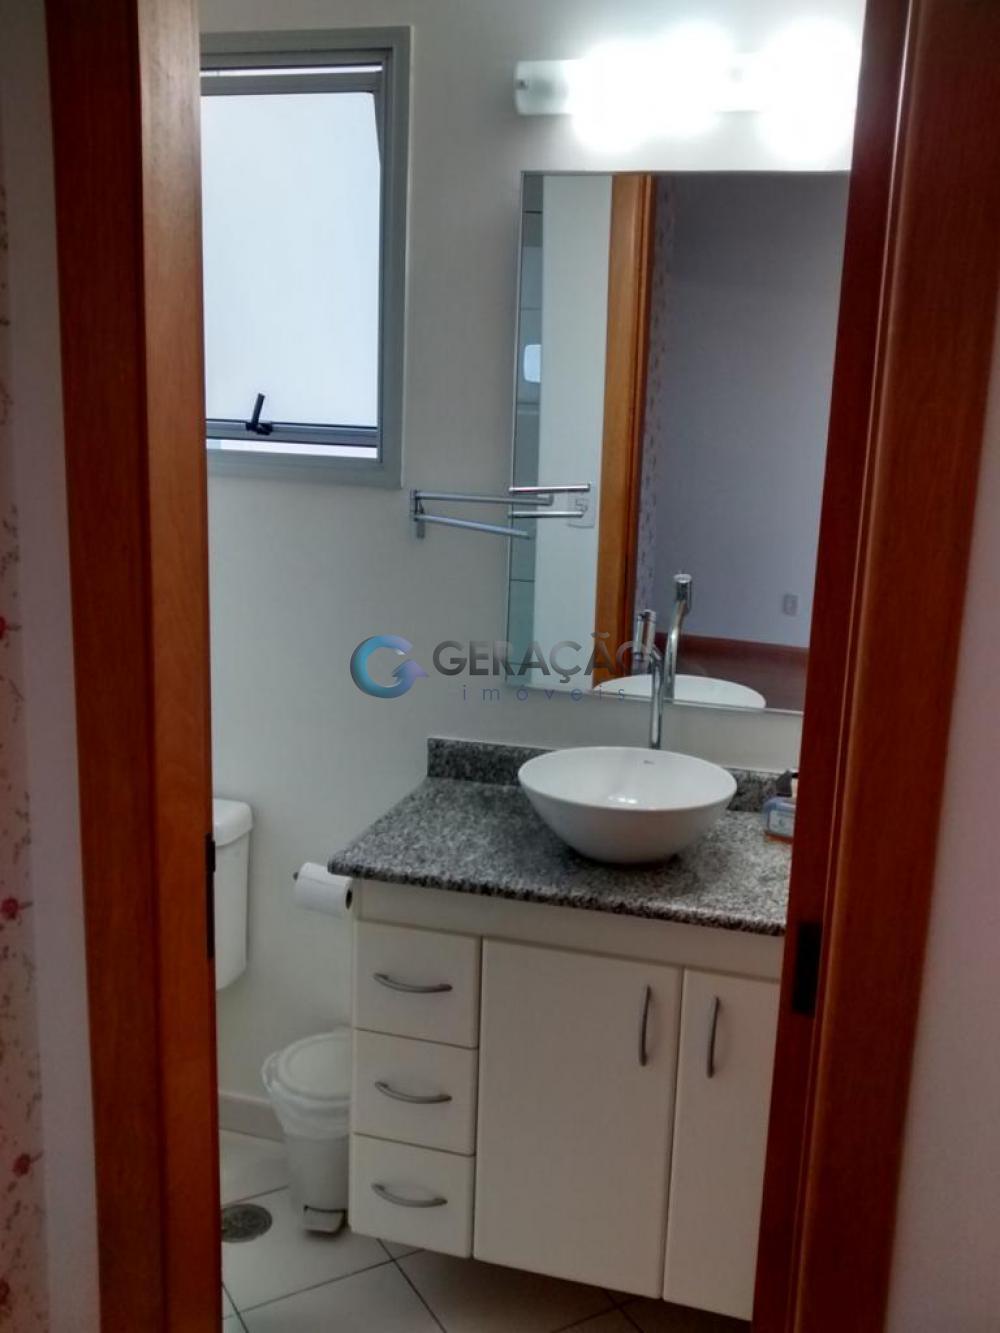 Comprar Apartamento / Padrão em São José dos Campos apenas R$ 275.000,00 - Foto 7